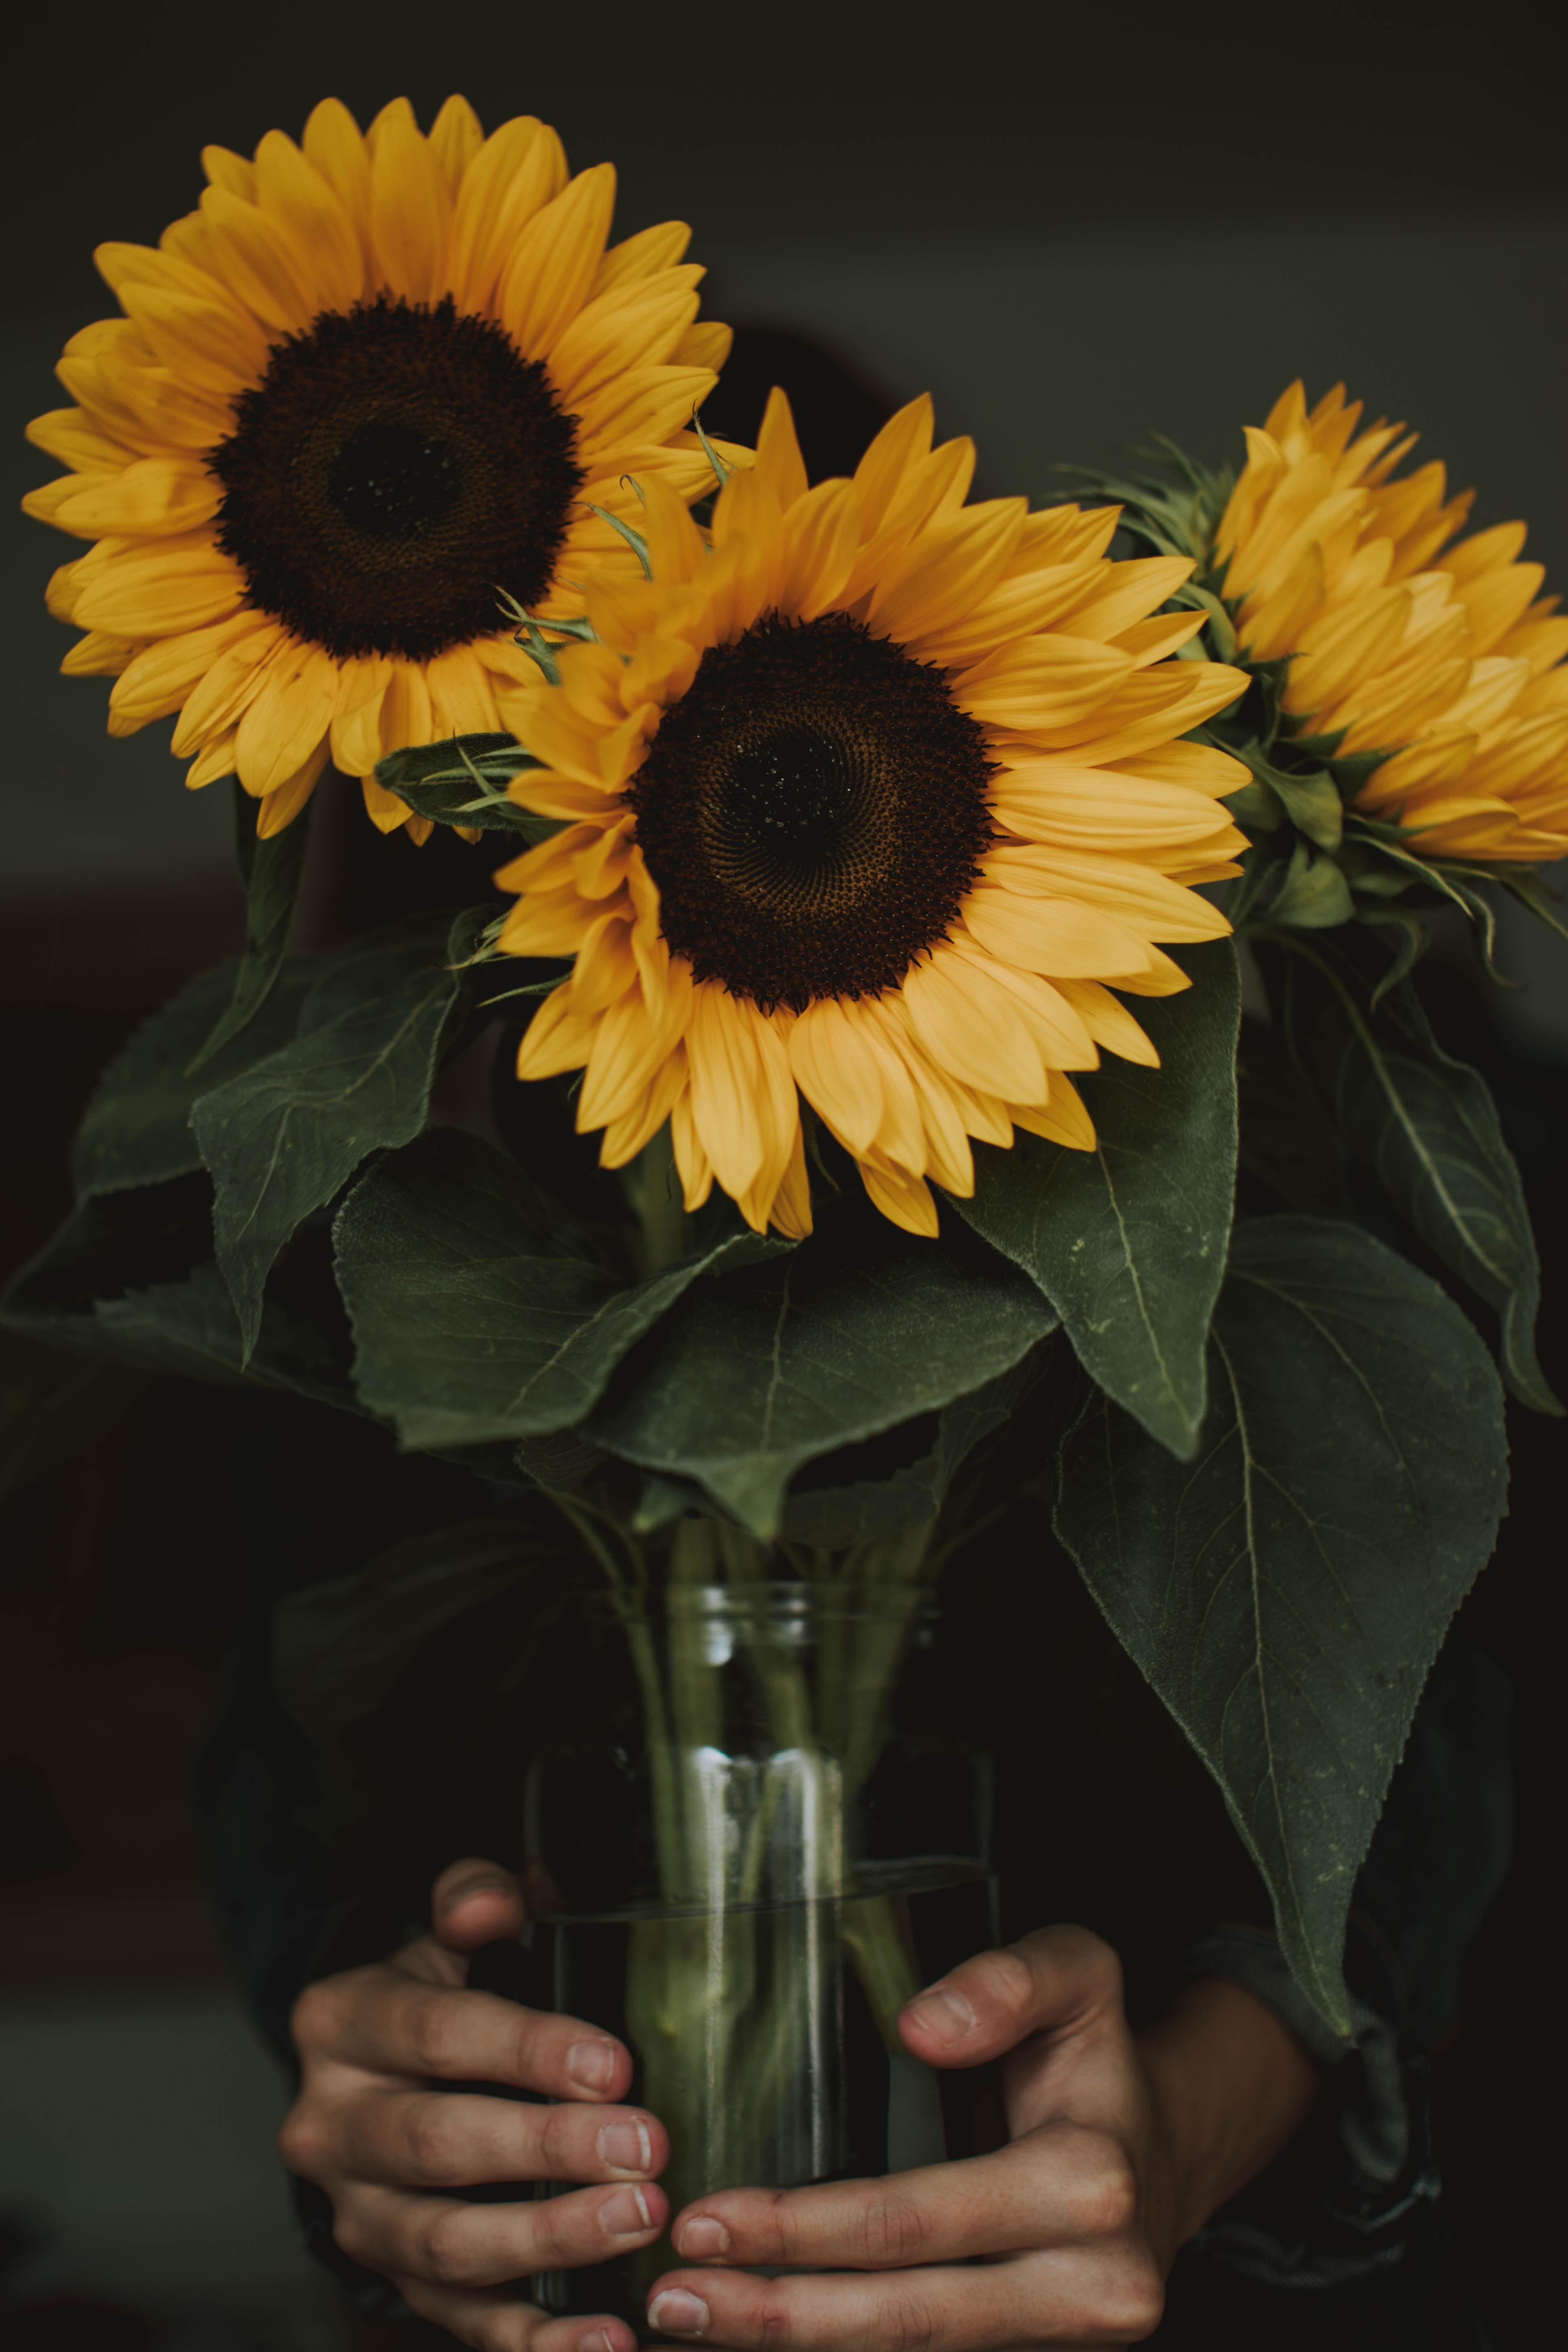 все фото картинки цветы подсолнухи в вазах зятем, мной